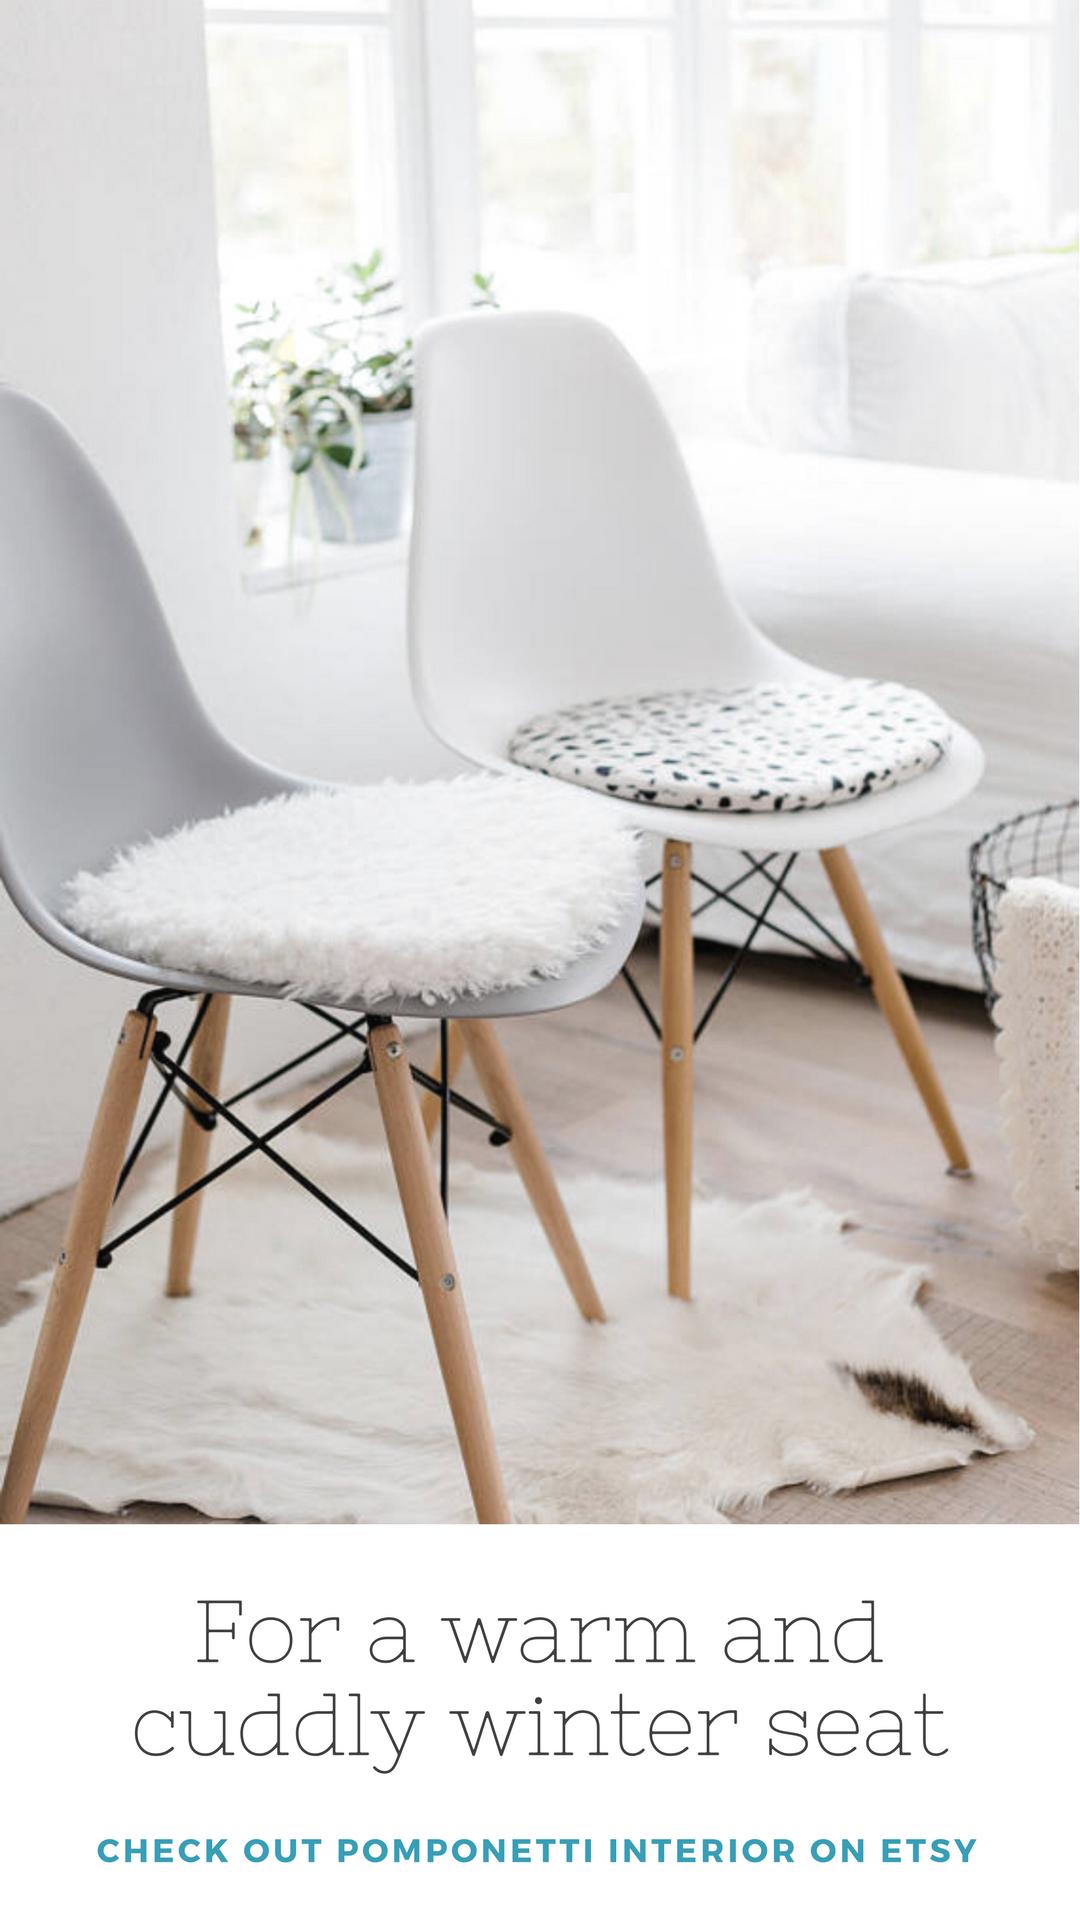 Eames Chair Sitzkissen in meinem etsyshop findest du individuelle sitzkissen für deinen